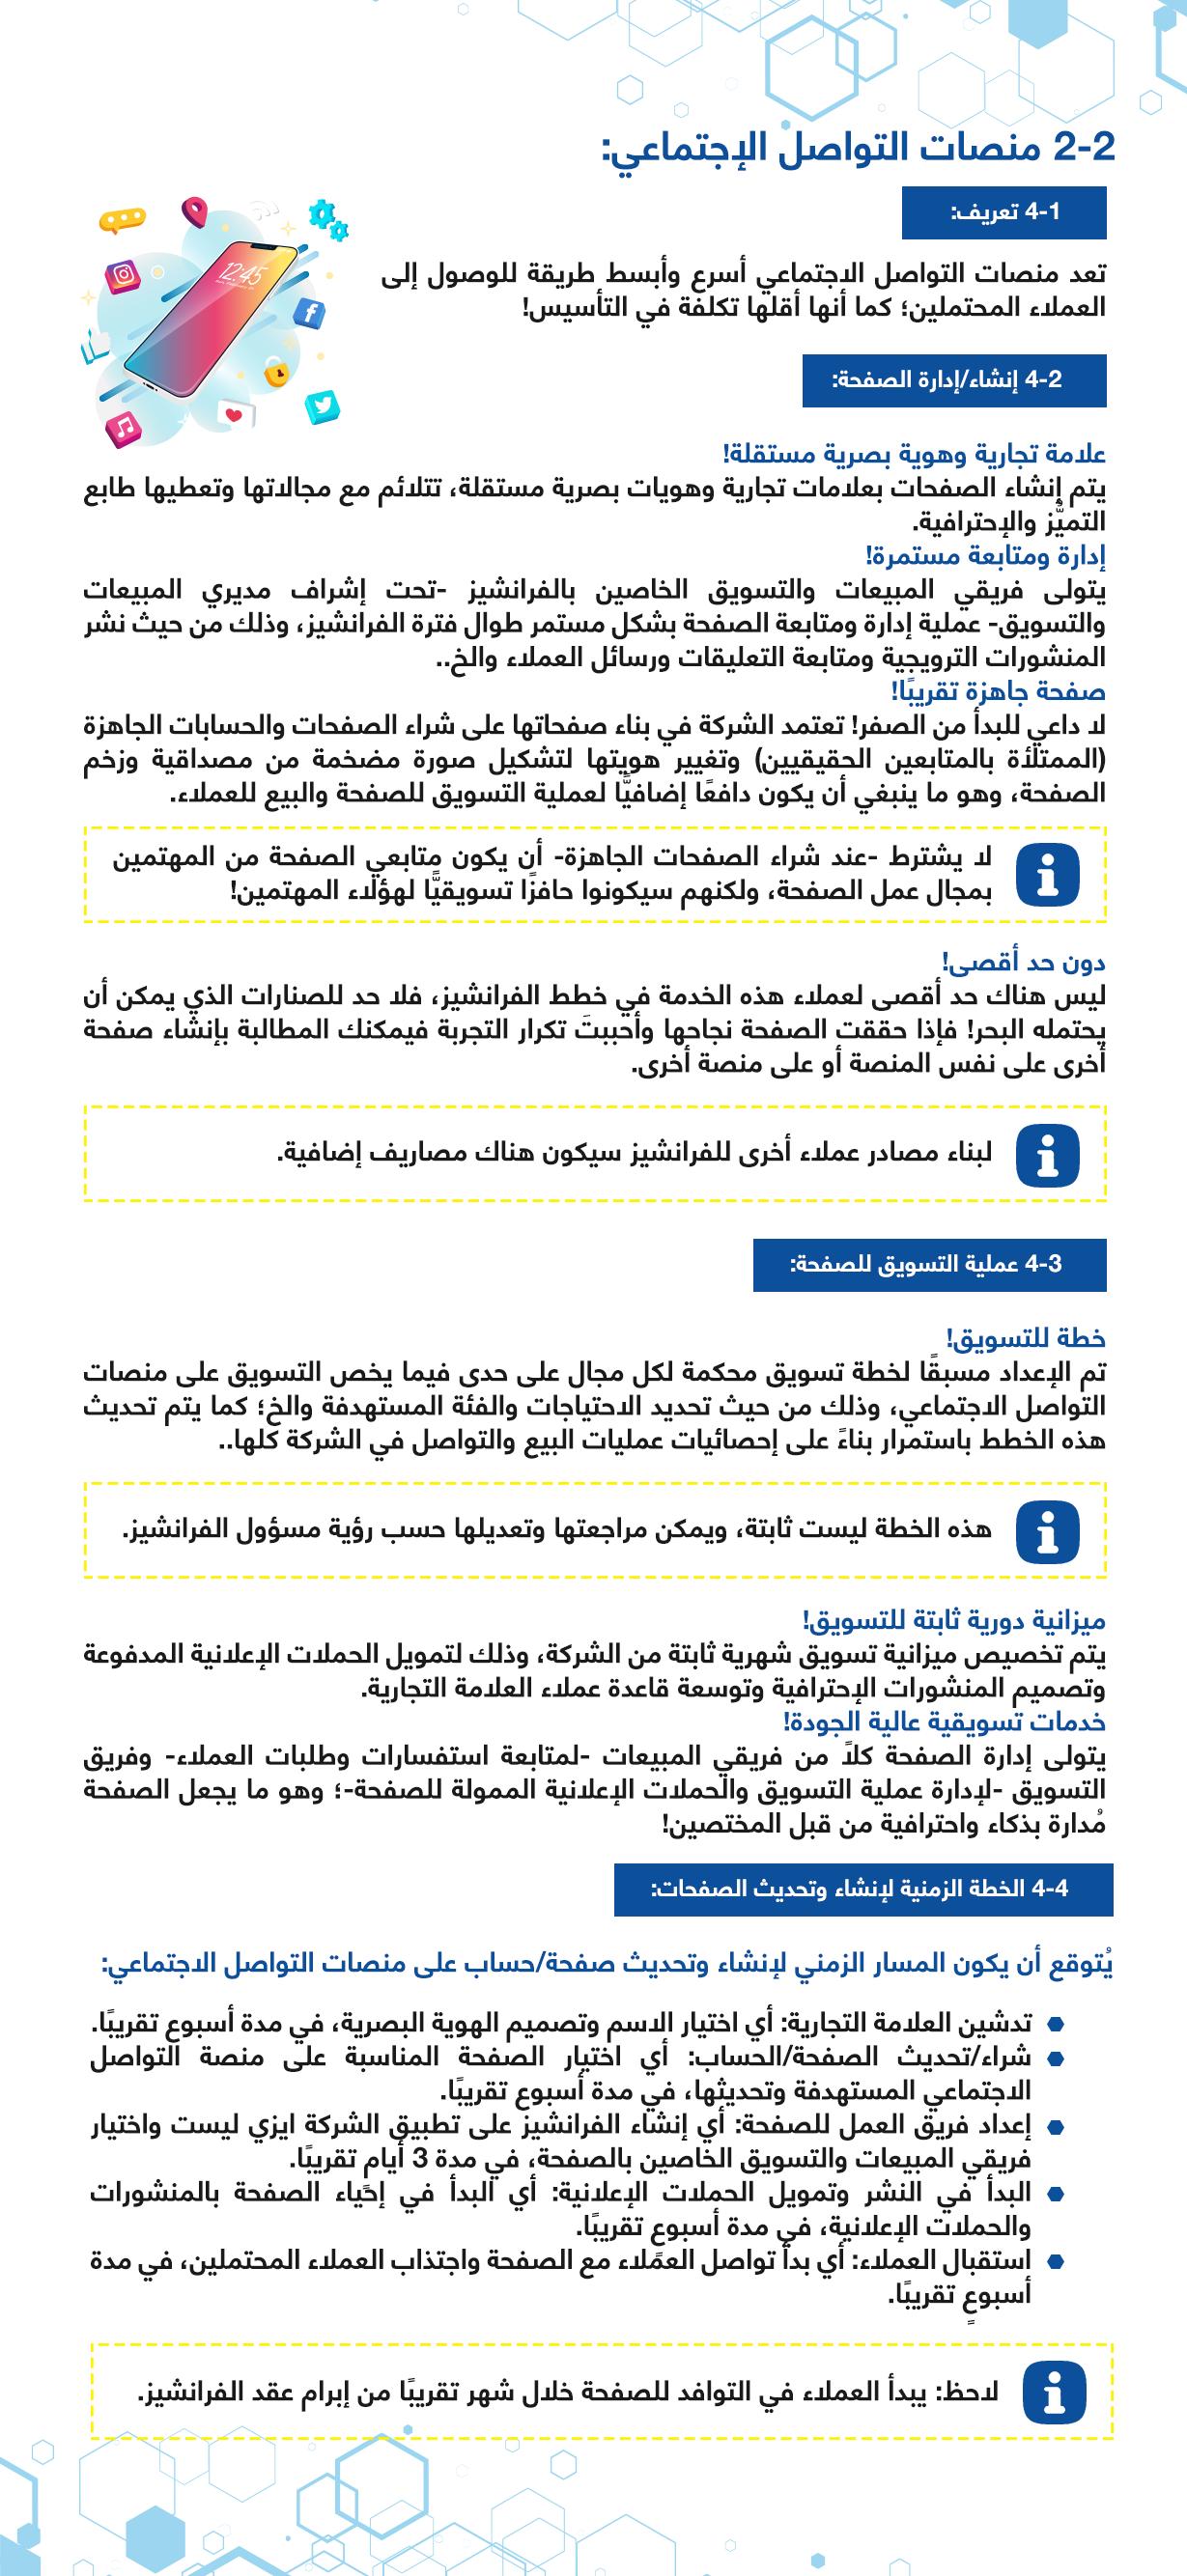 منصات التواصل الاجتماعي كمصدر للعملاء بفرانشيز الاستثمار بـ المركز العربي للخدمات الإلكترونية - ACFE-S